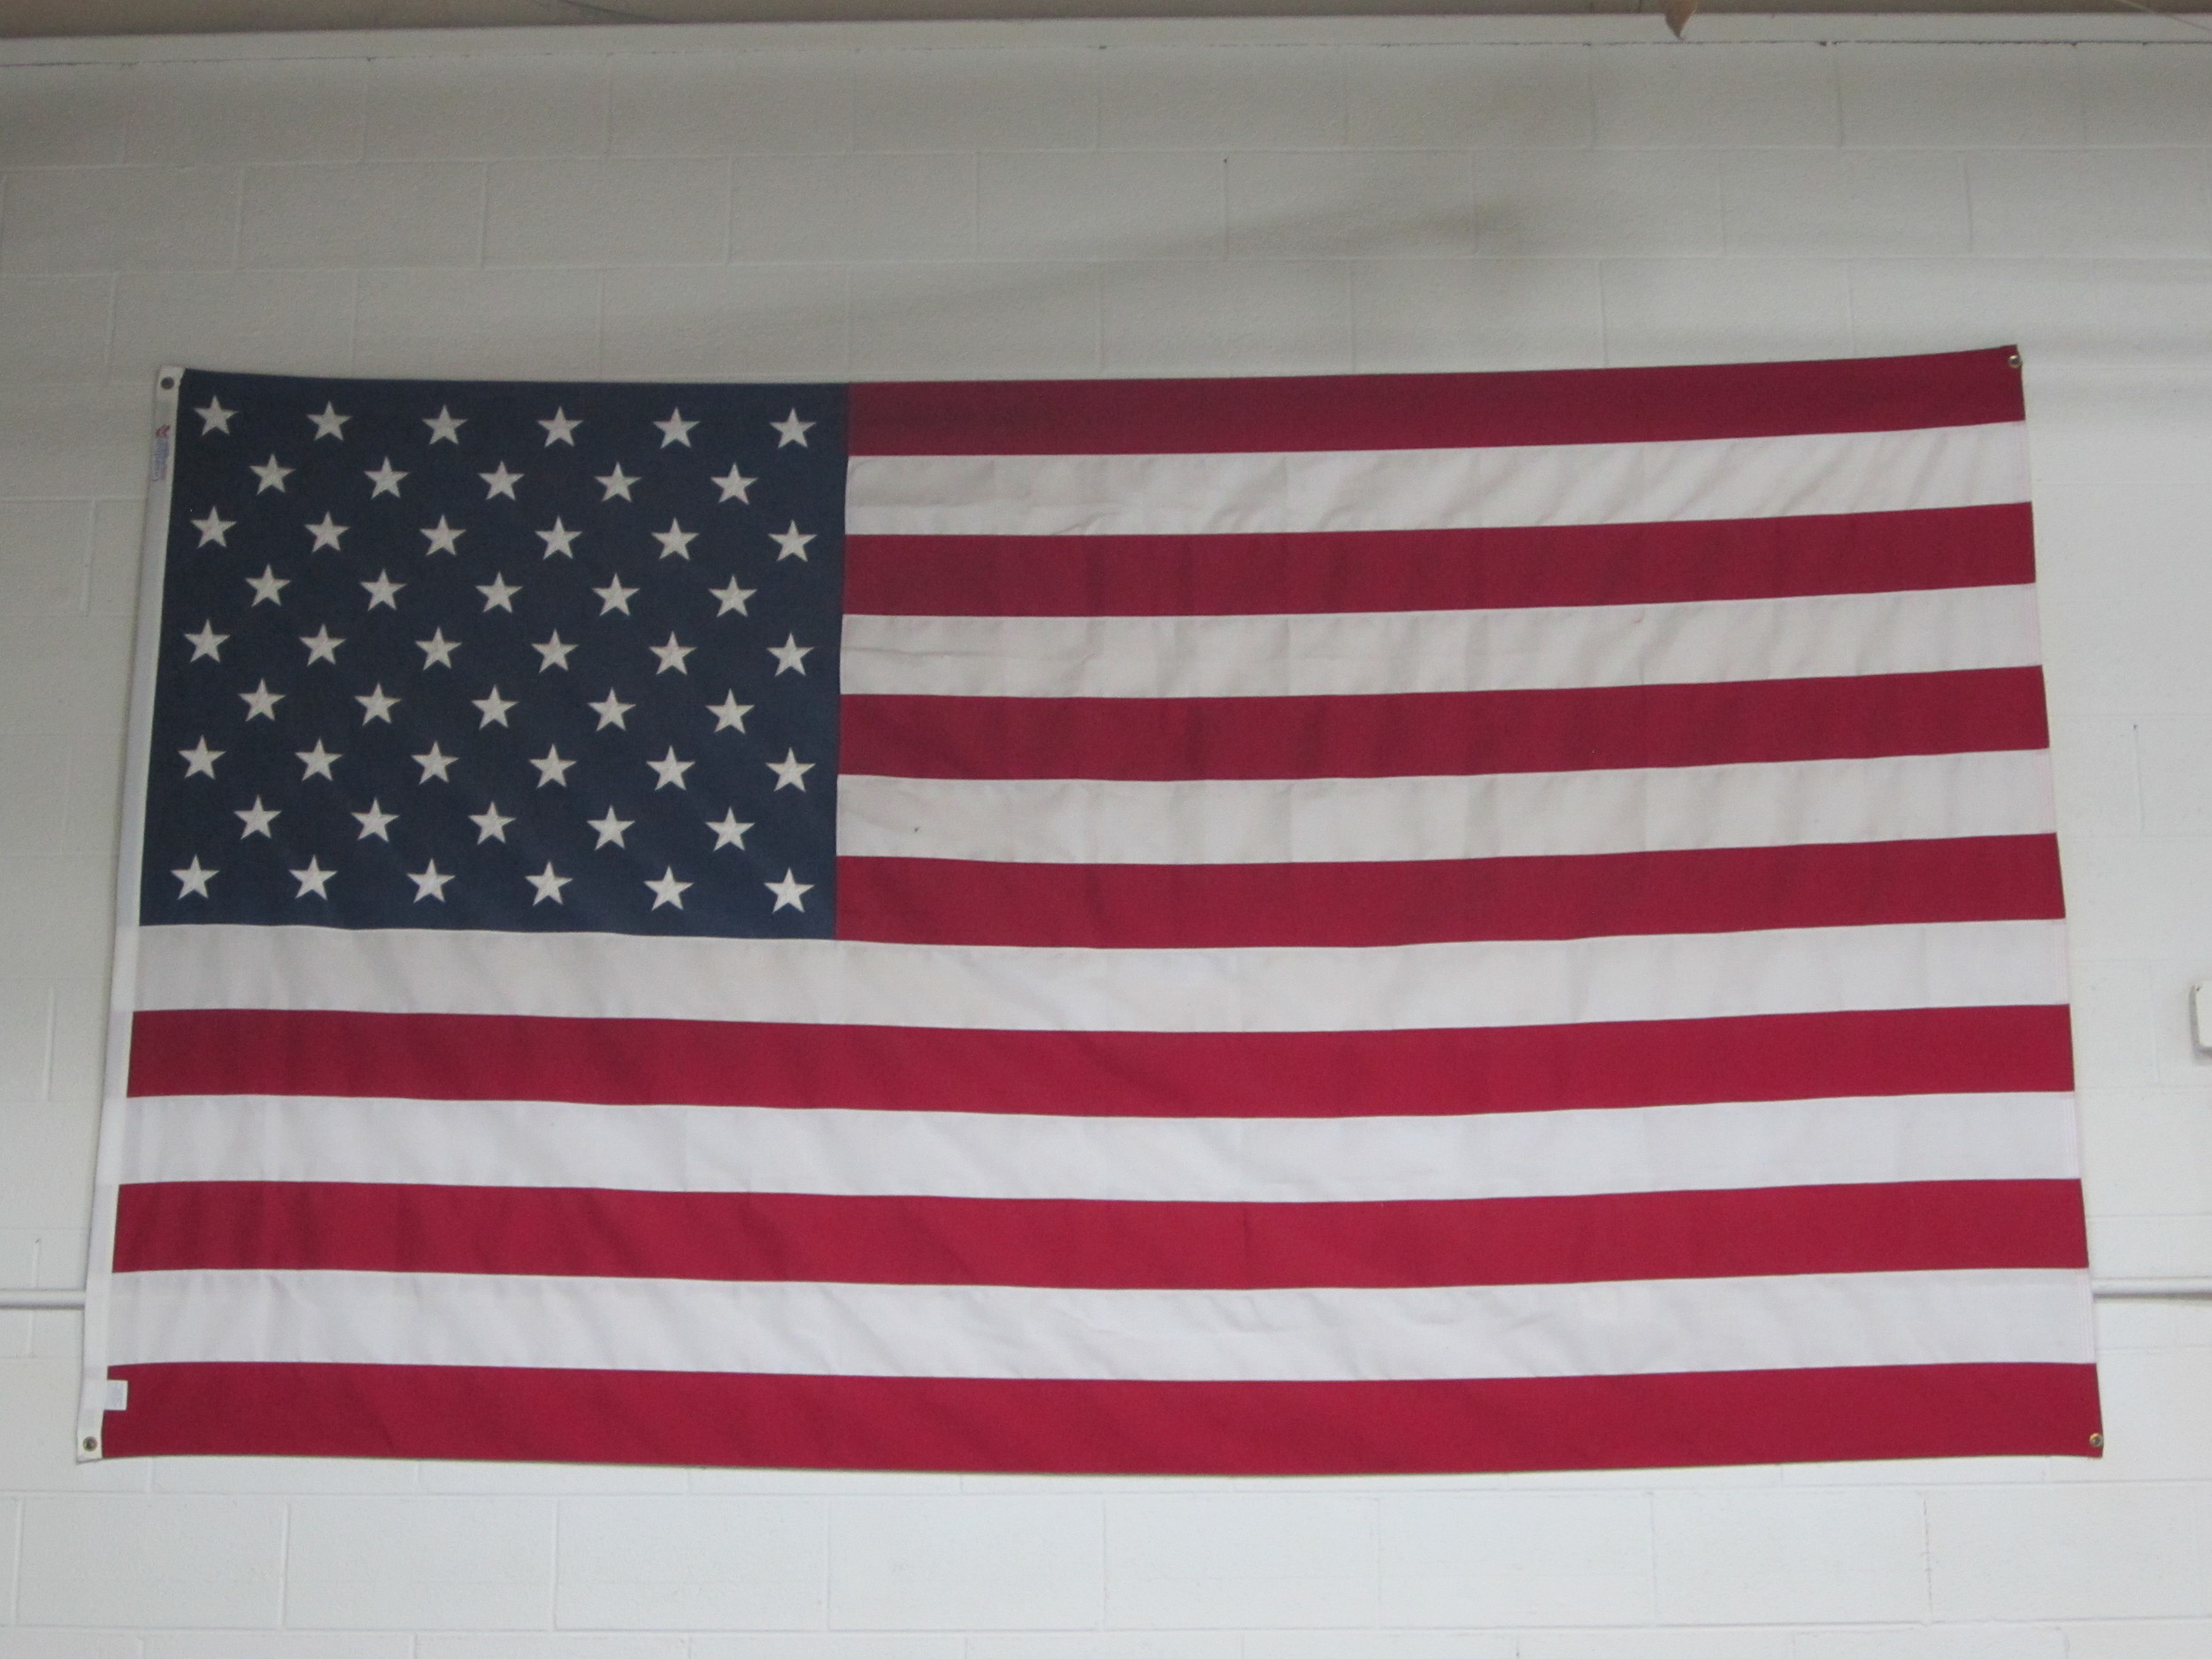 A U.S.A. Company